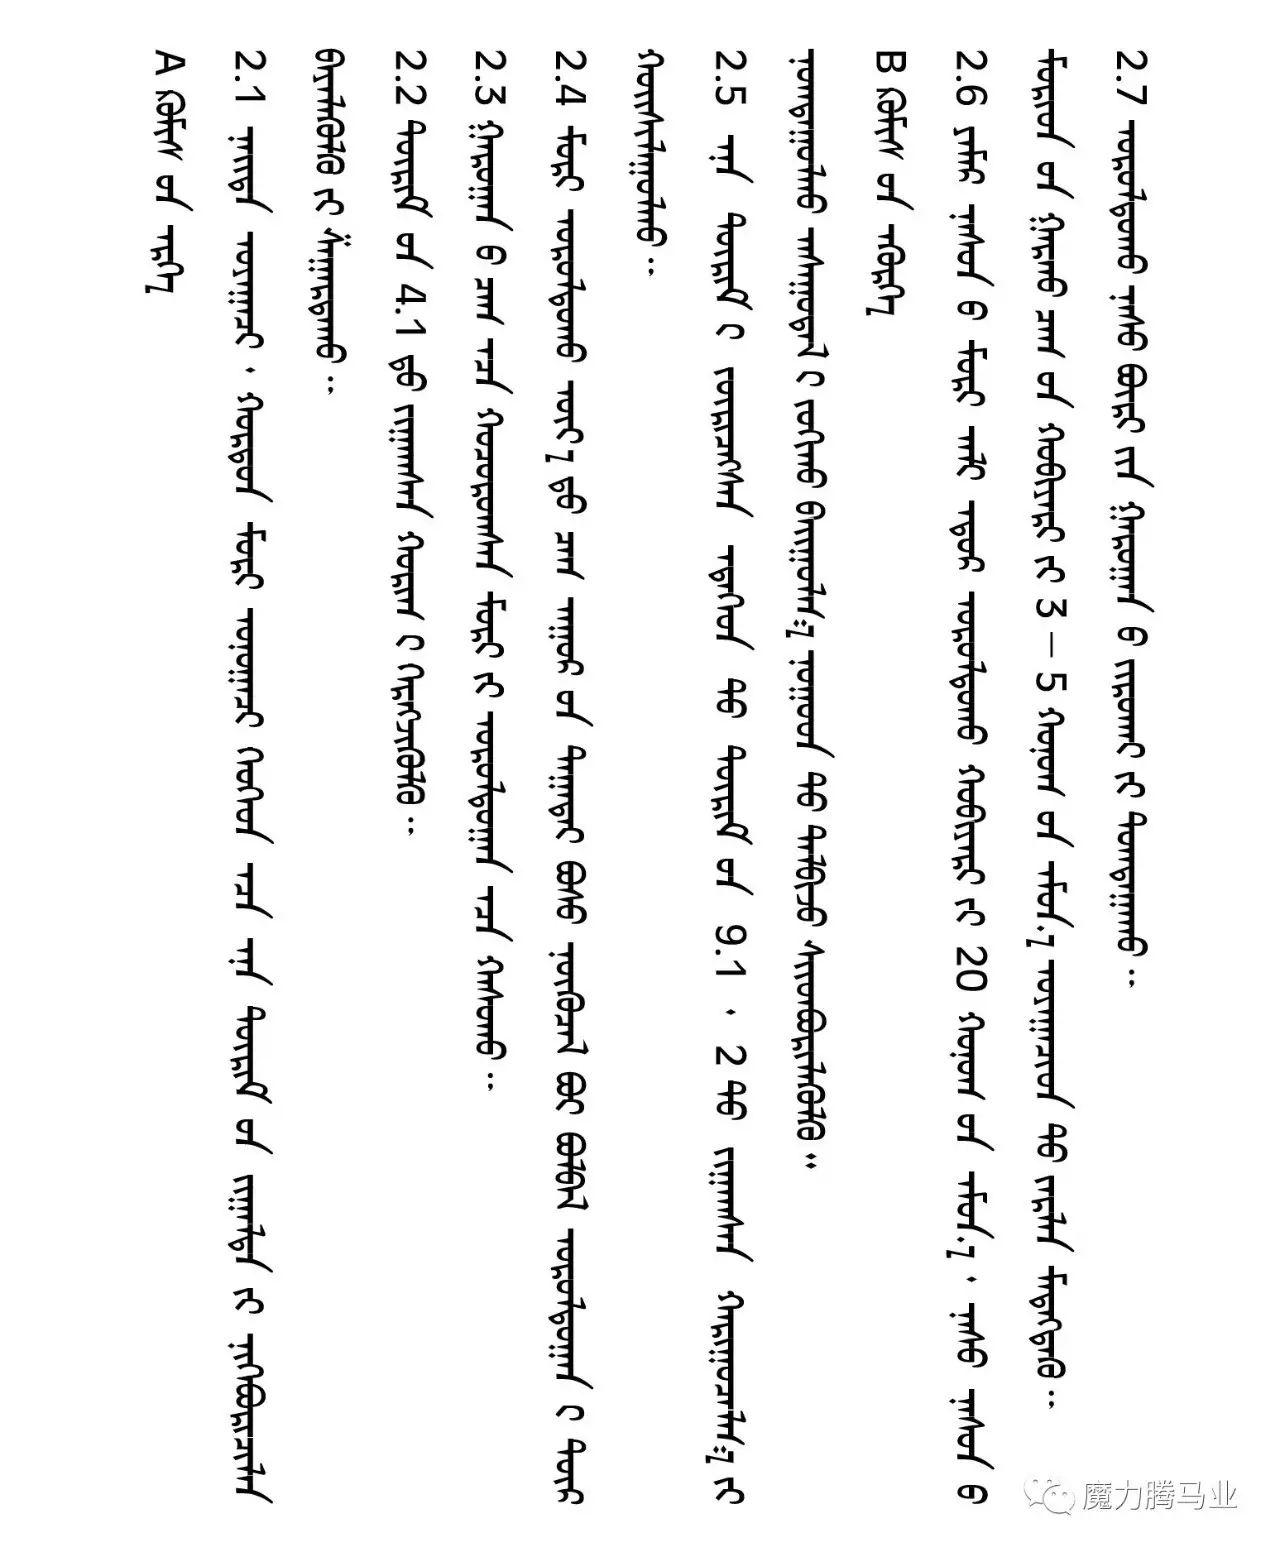 蒙古国赛马章程介绍 第17张